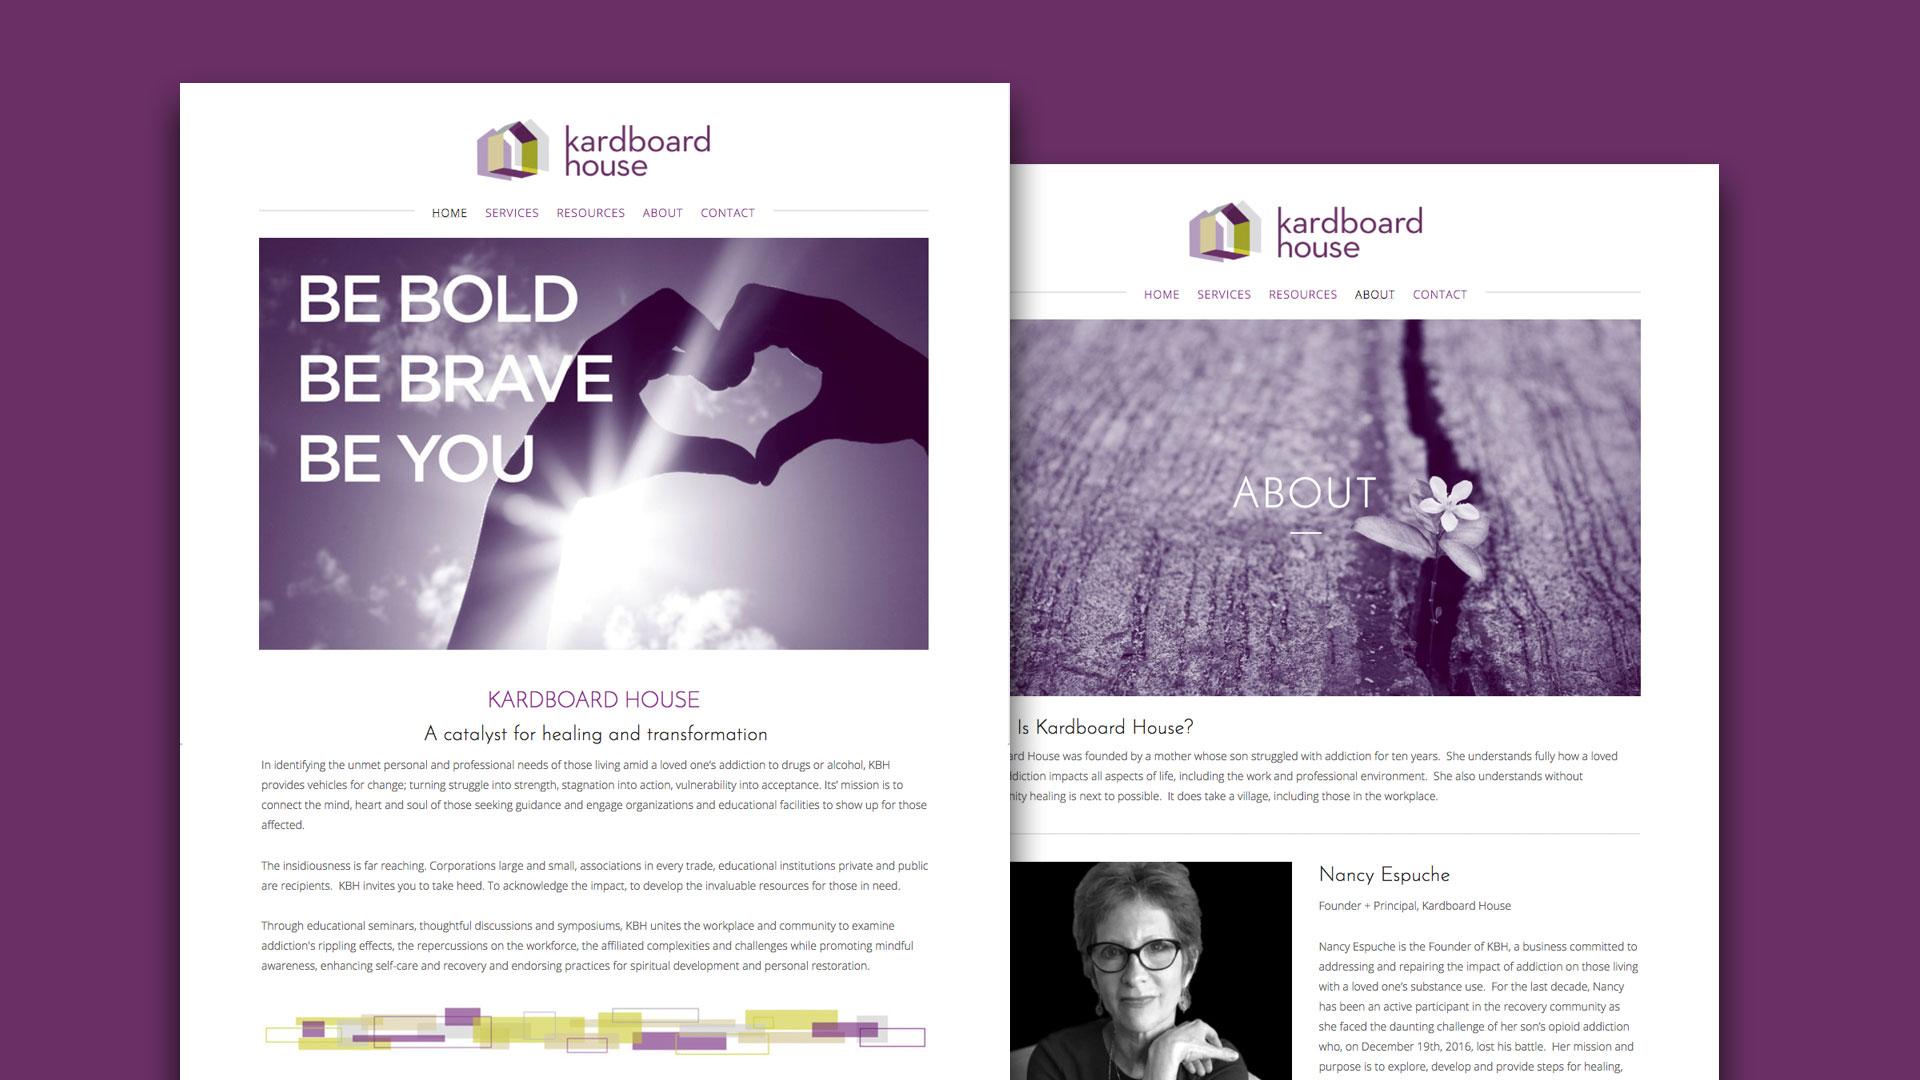 Kardboard-House-Webpages.jpg